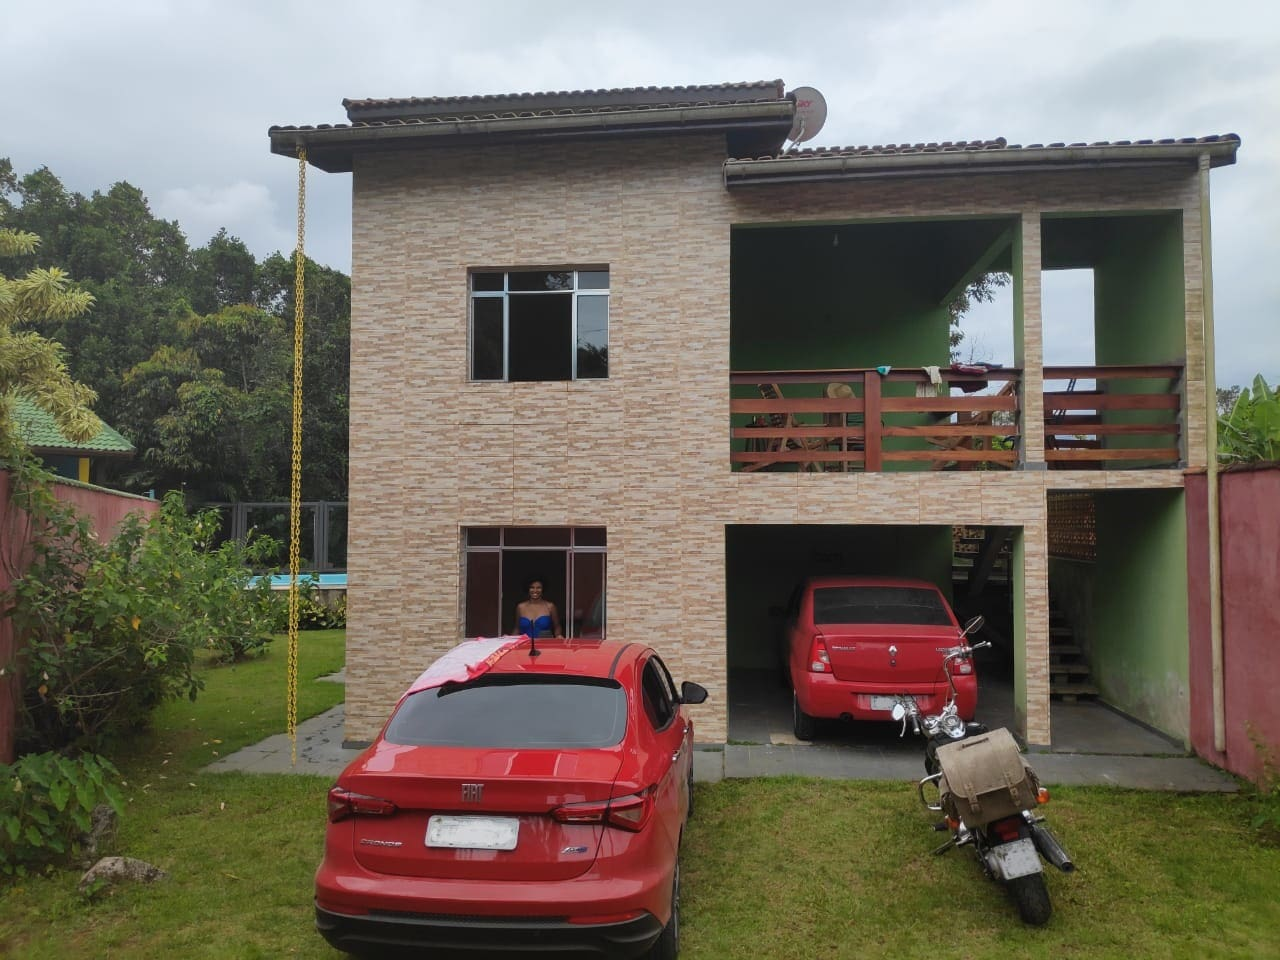 É um sobrado e o acesso á casa de cima é feito pela escada a direita